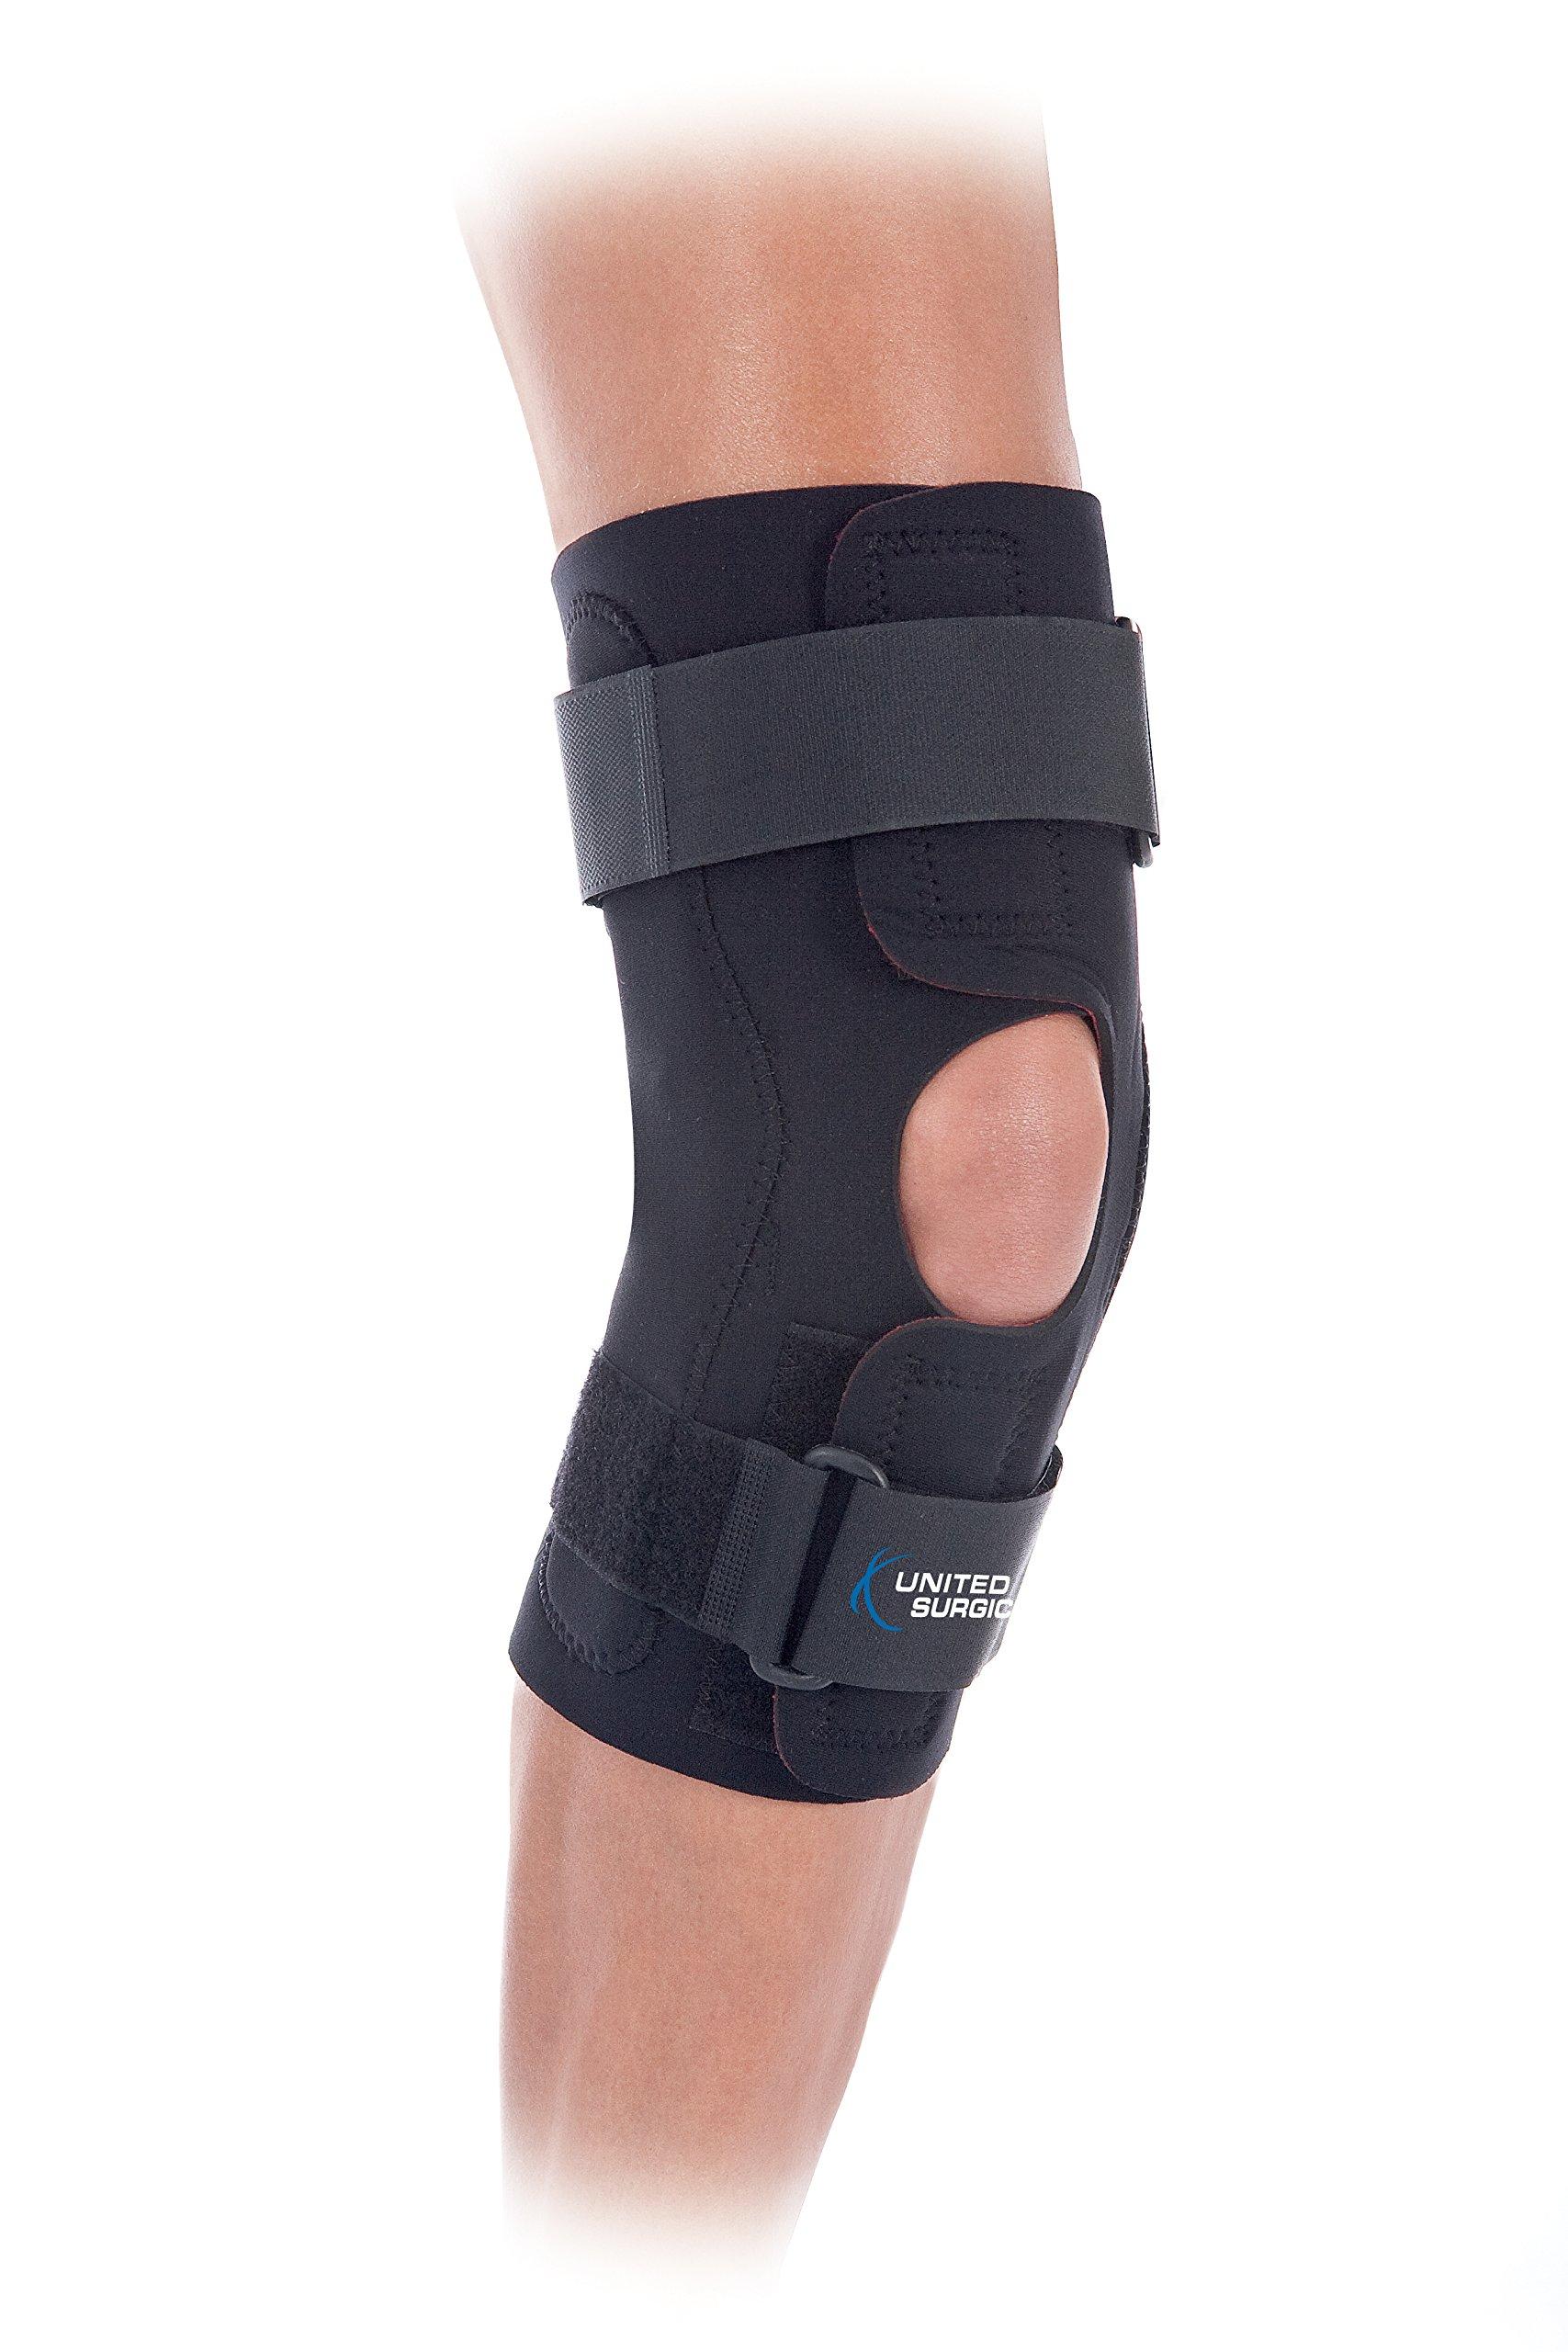 Health-Grade Wrap Around Hinged Knee Brace, Small